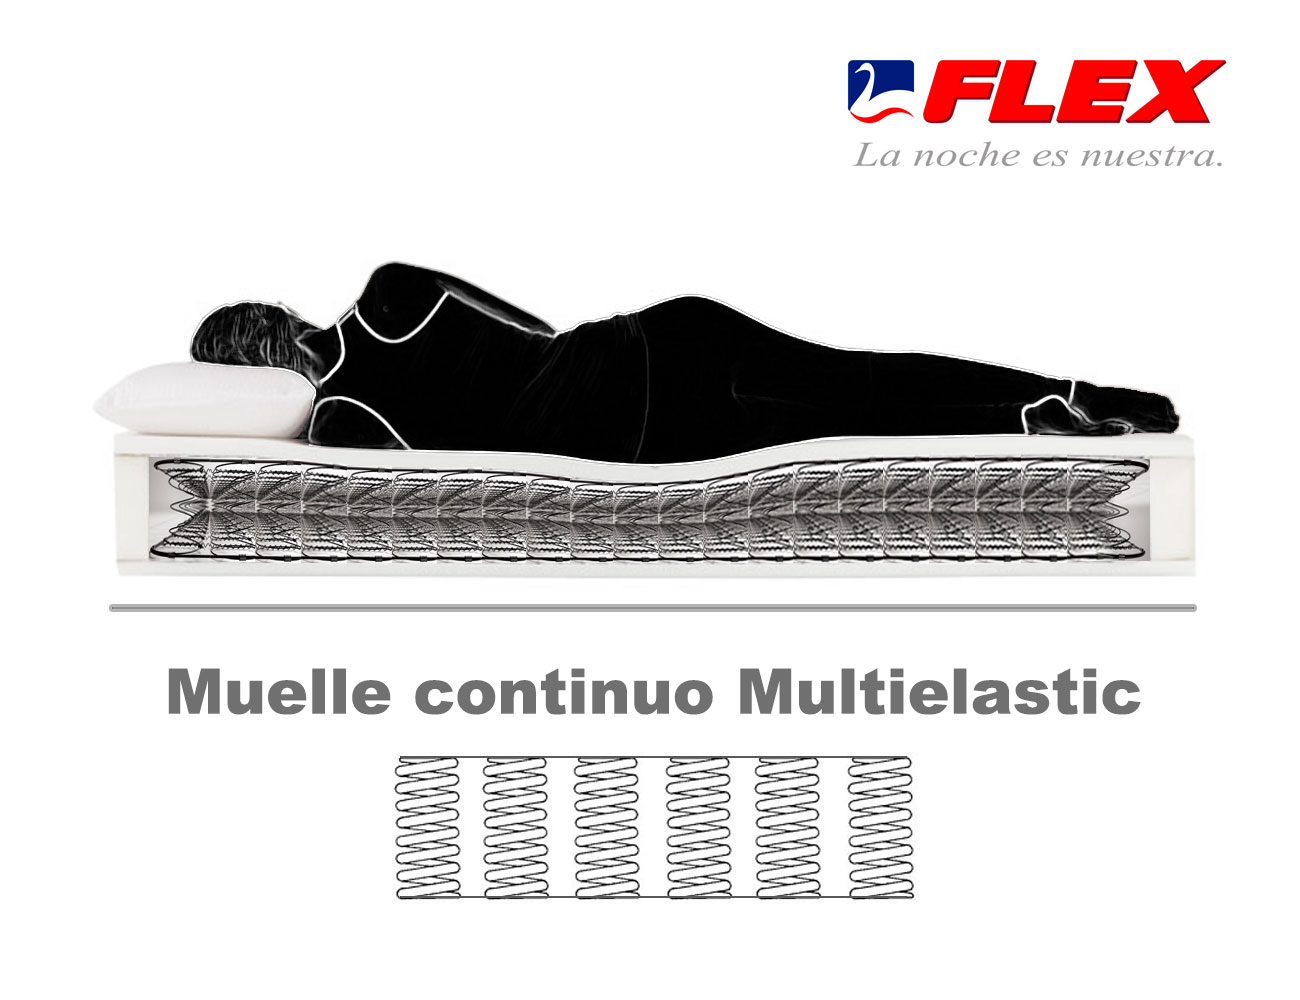 Muelle continuo multielastic flex2